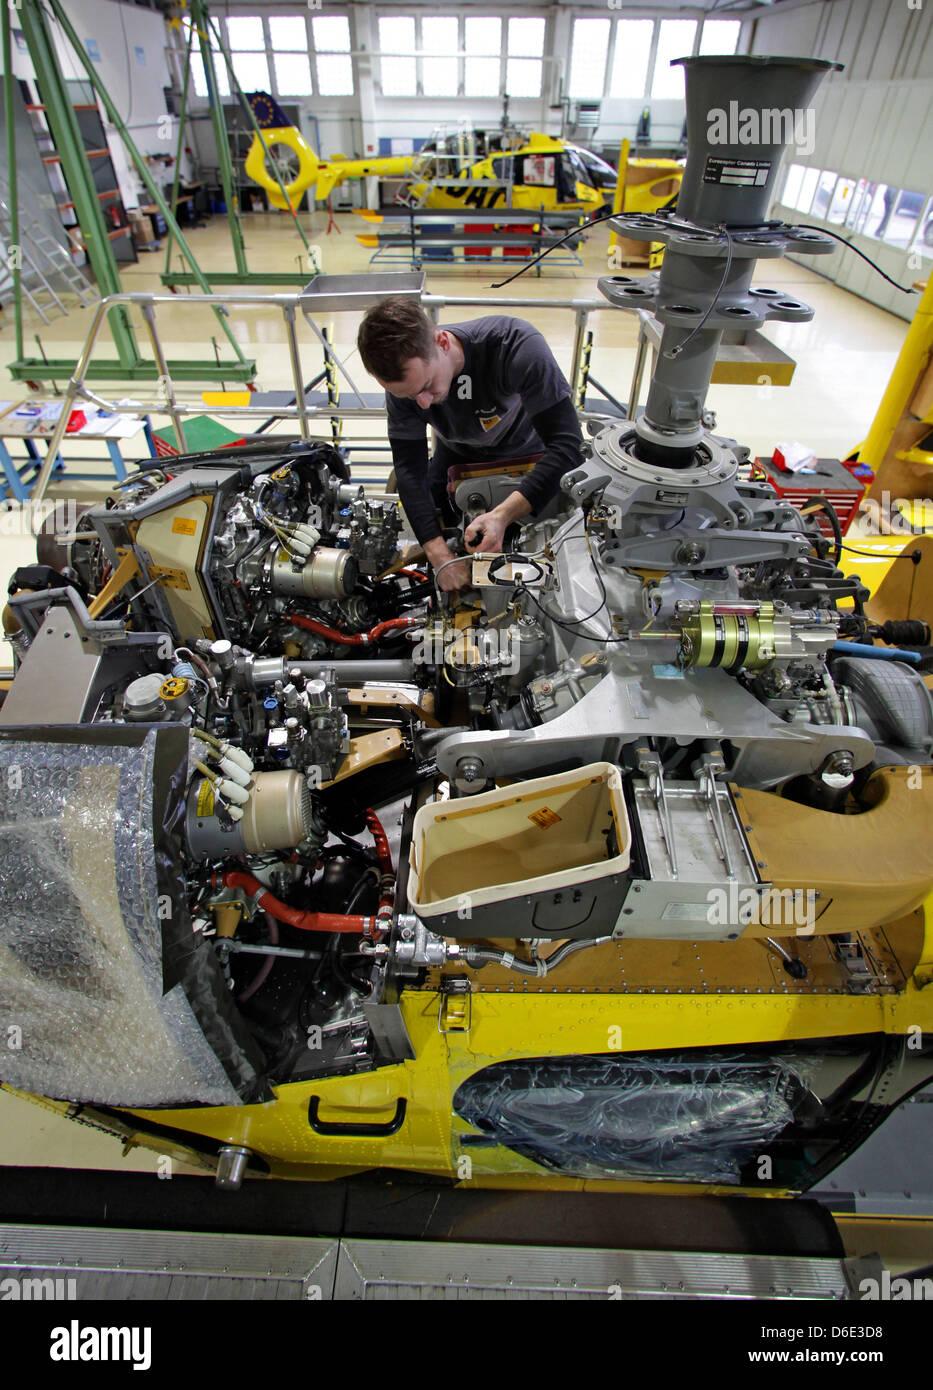 Aircraft mechanic Michael Straube maintains an ADAC rescue ...